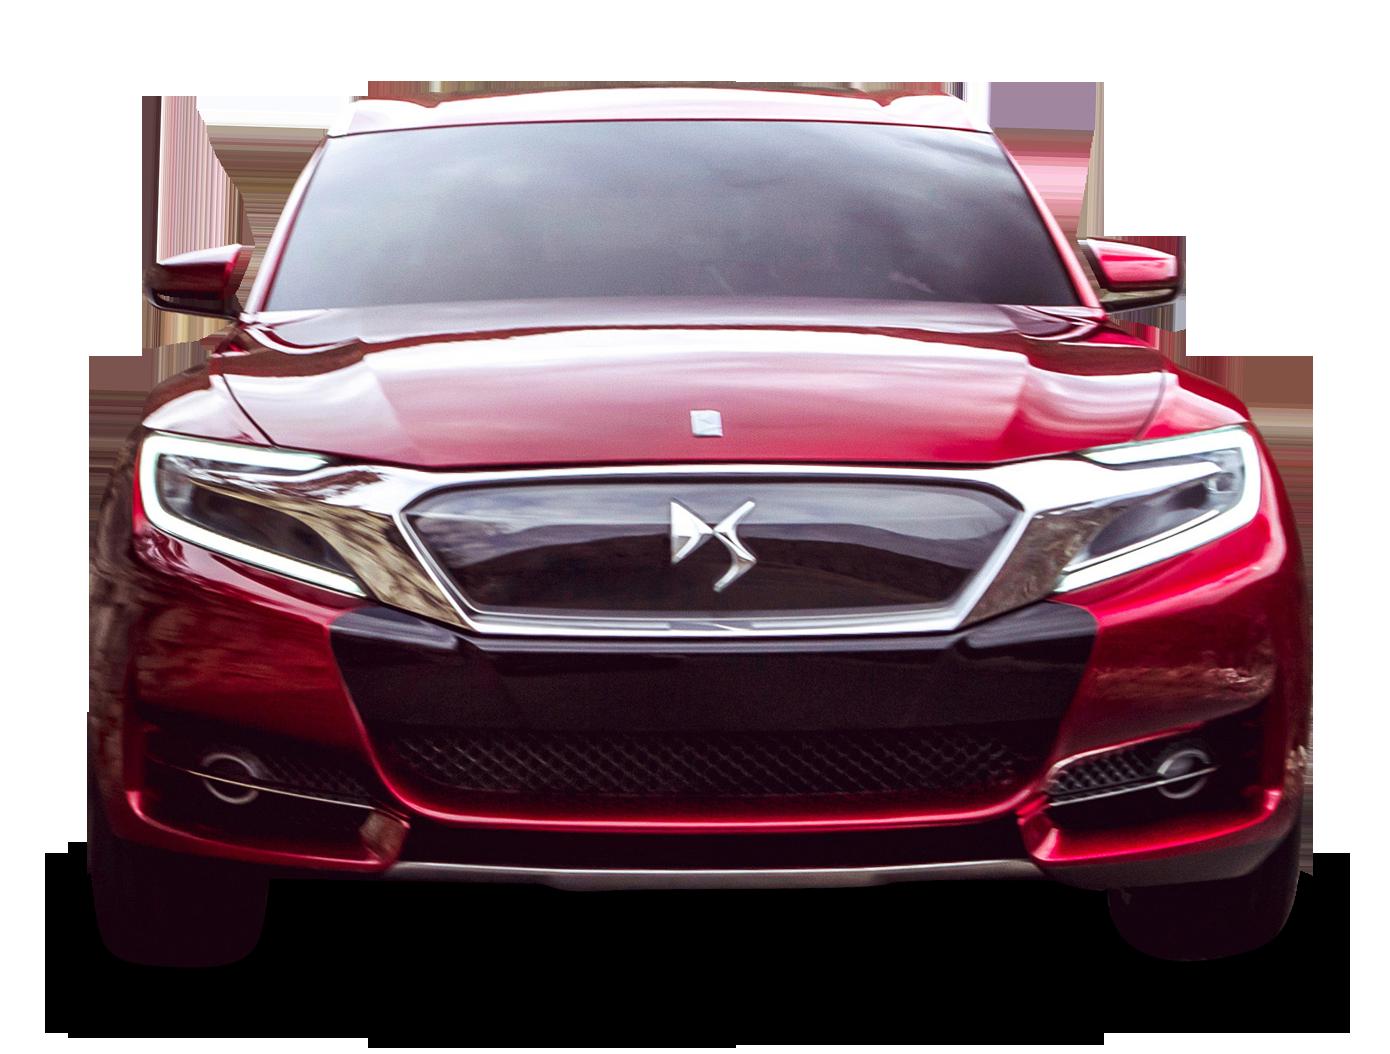 Red Citroen Ds Wild Rubis Front View Car Citroen Ds Citroen Car